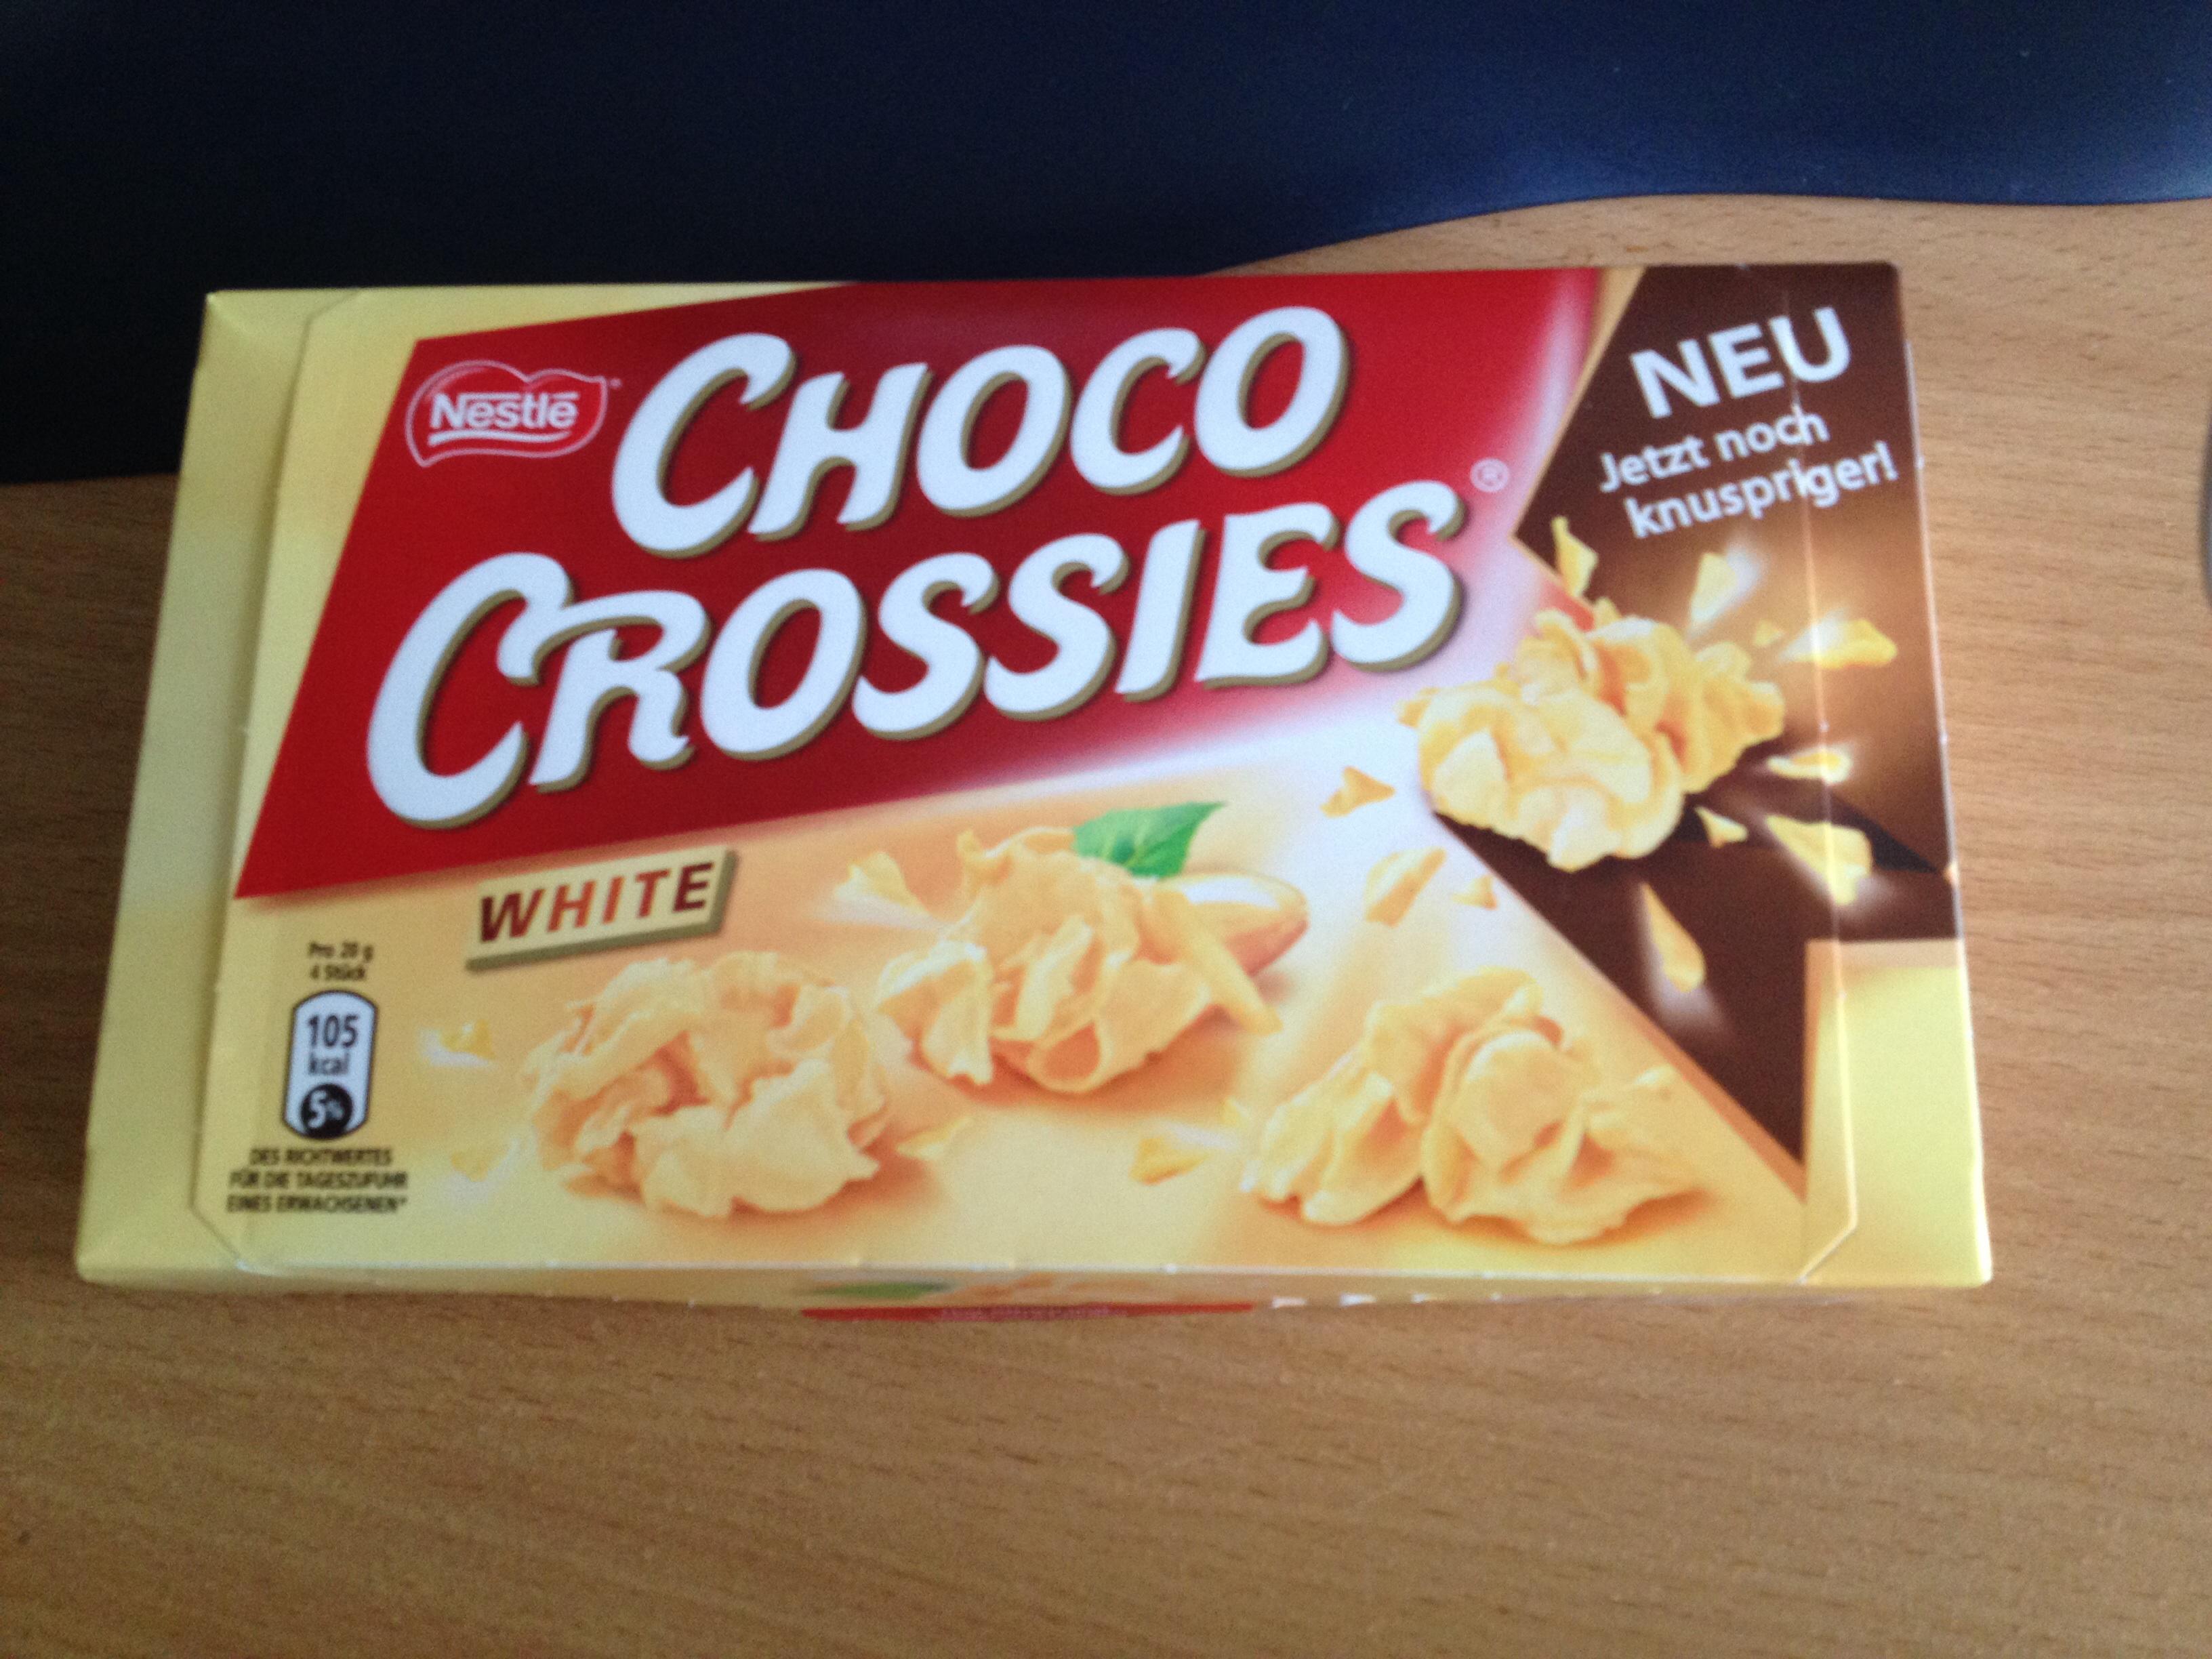 https://foodloader.net/BrollyLSSJ_2014-05-10_Nestle_-_Choco_Crossies_White.jpg